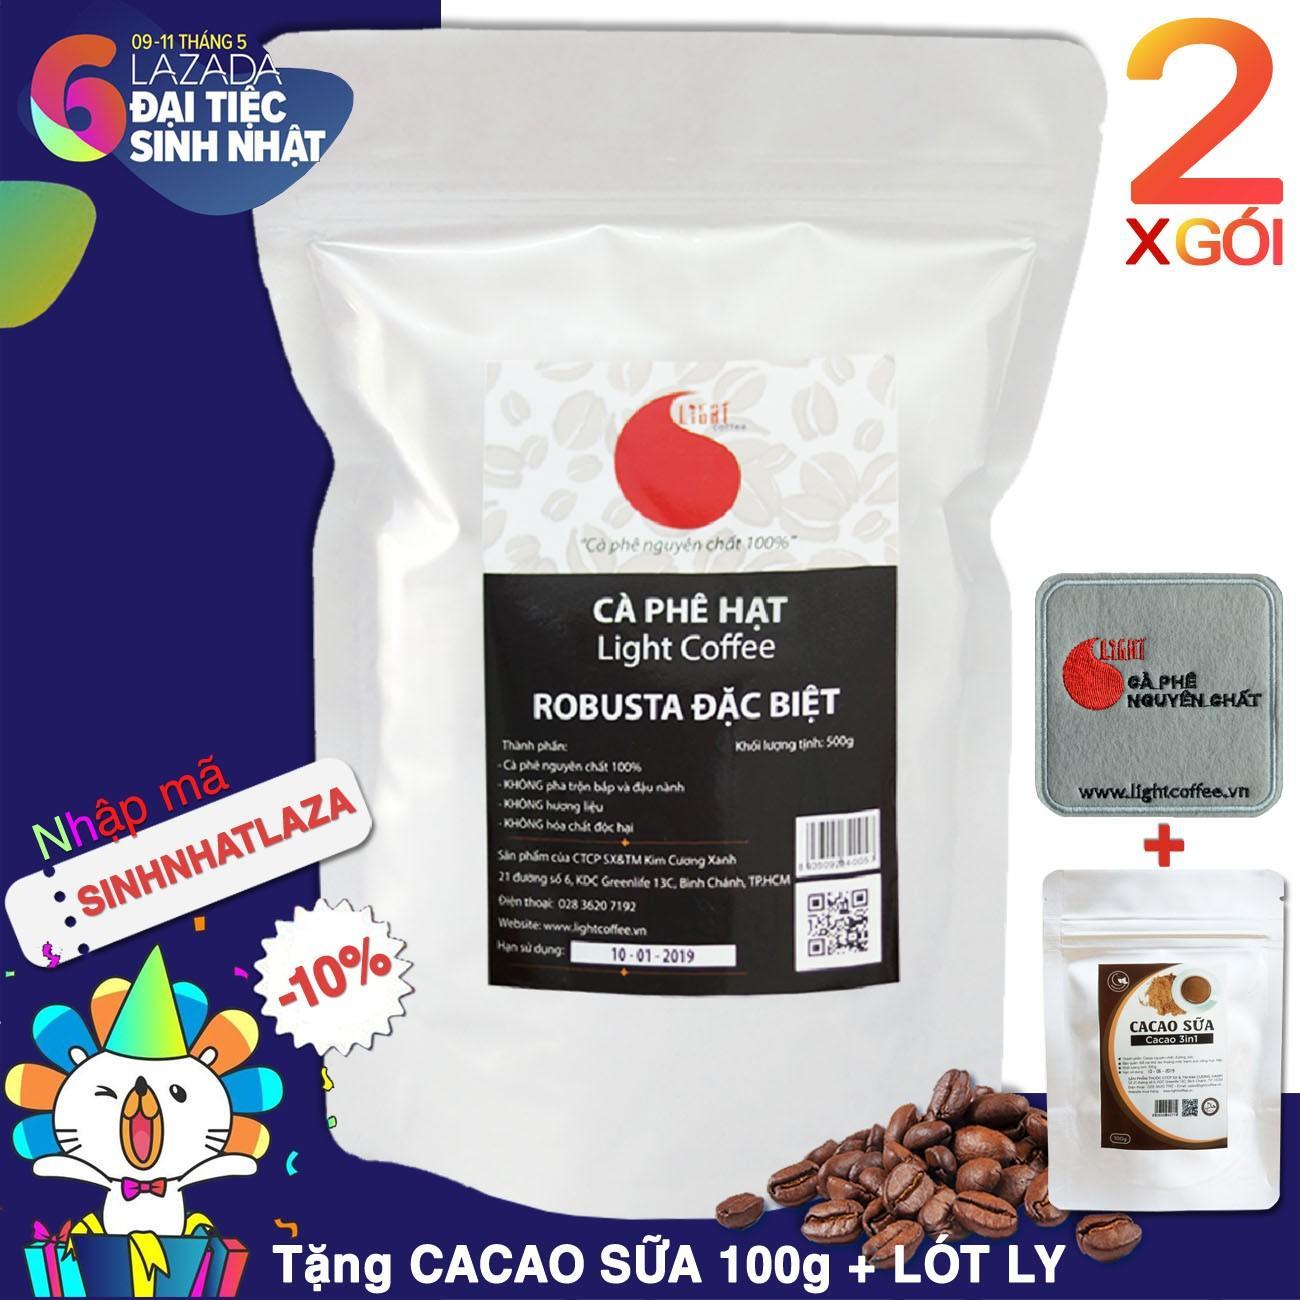 Bán Ca Phe Hạt Robusta Đặc Biệt Nguyen Chất 100 T Light Coffee 2 Goi 500Gr Goi Trực Tuyến